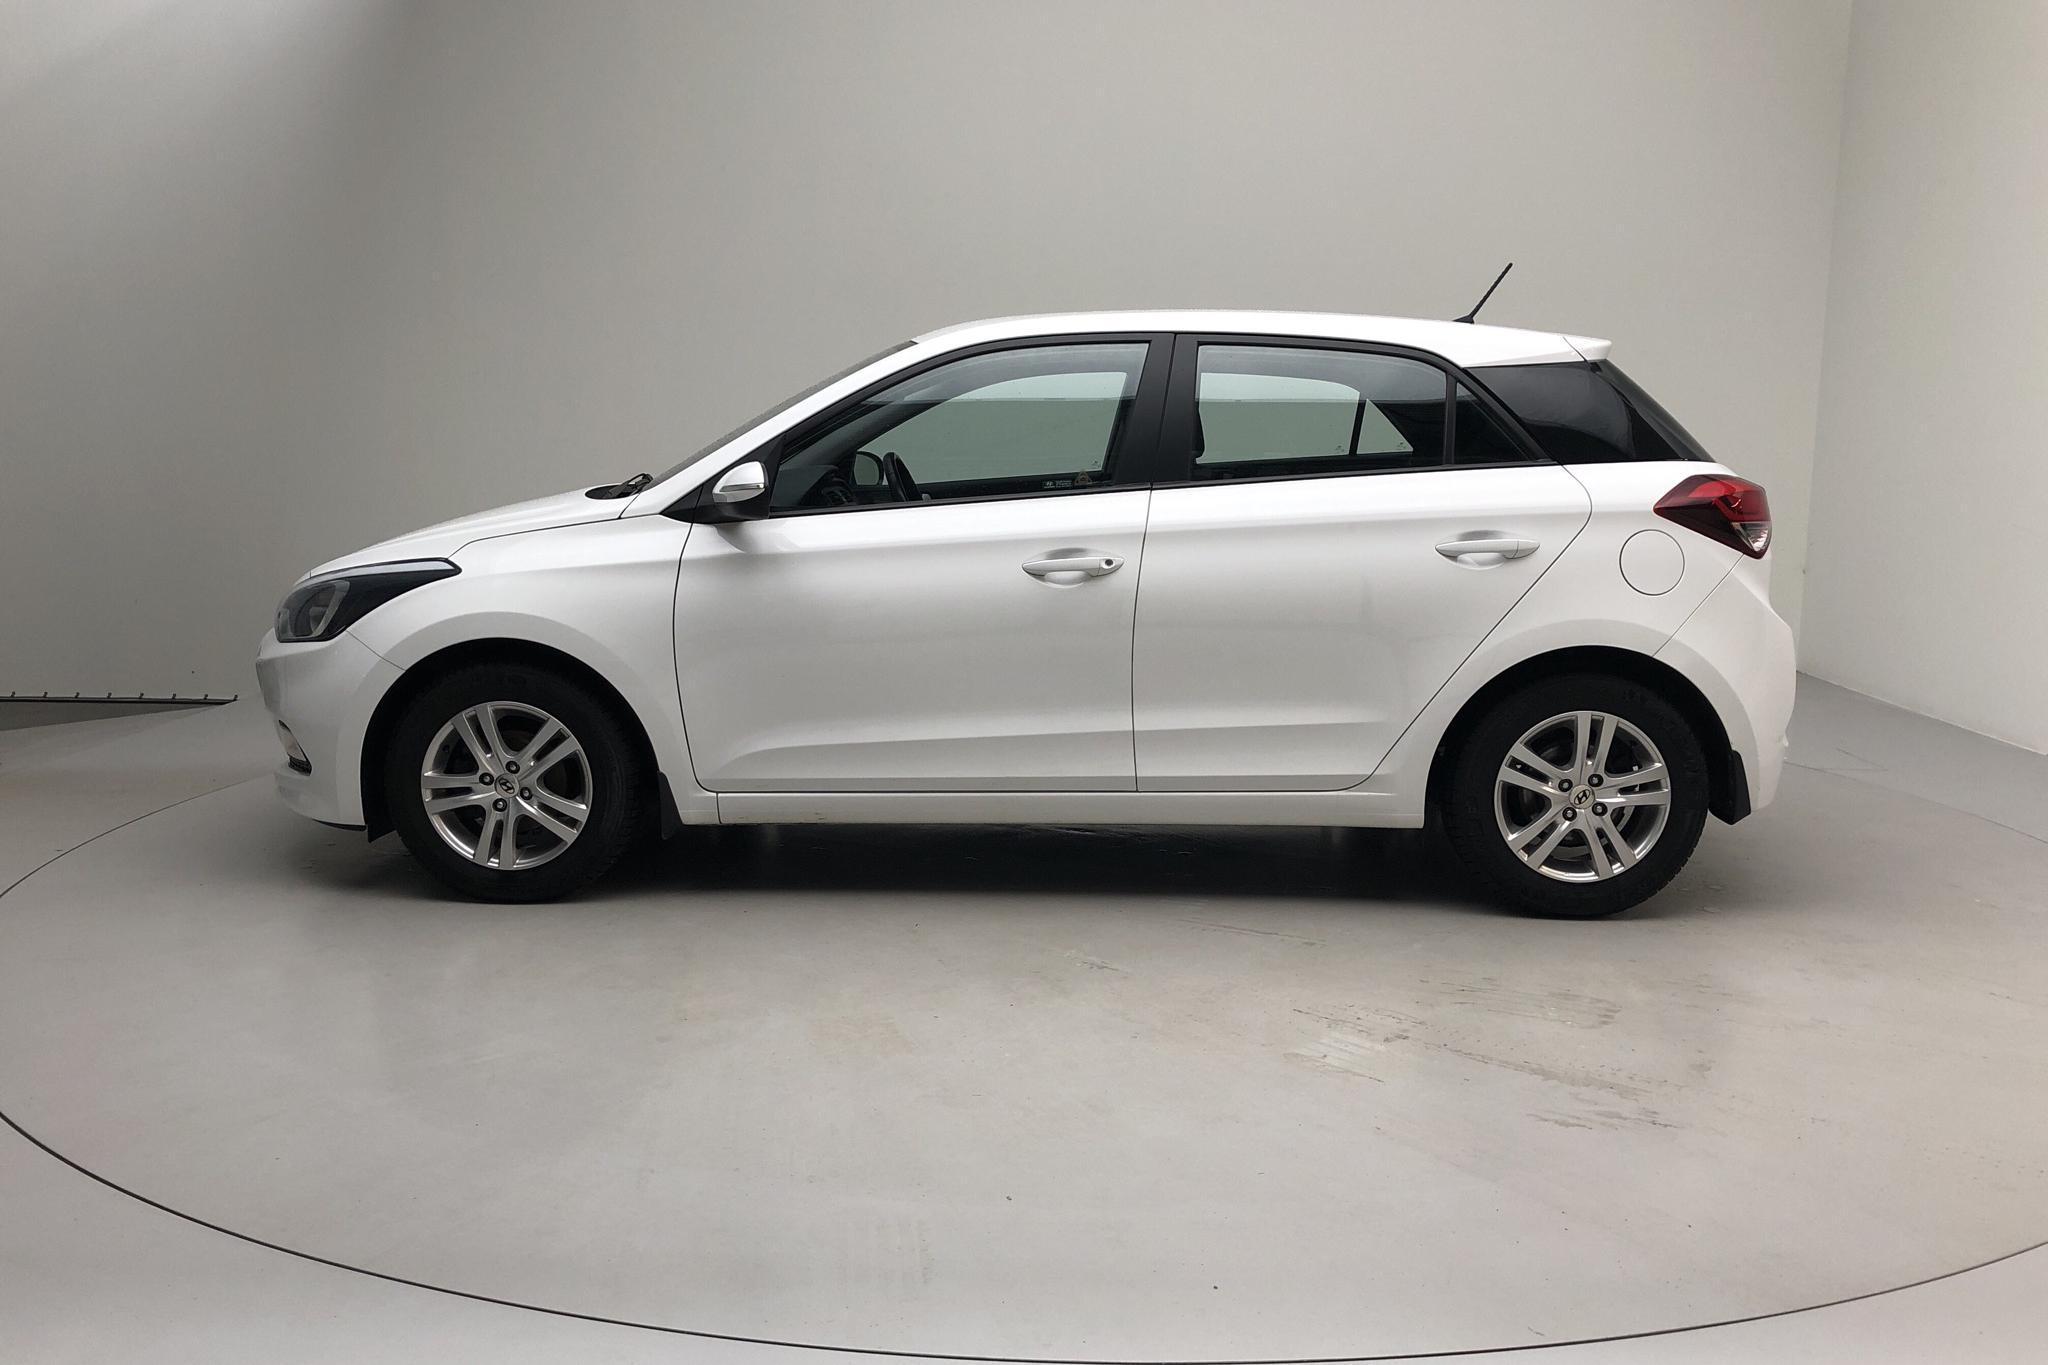 Hyundai i20 1.2 (84hk) - 5 671 mil - Manuell - vit - 2017